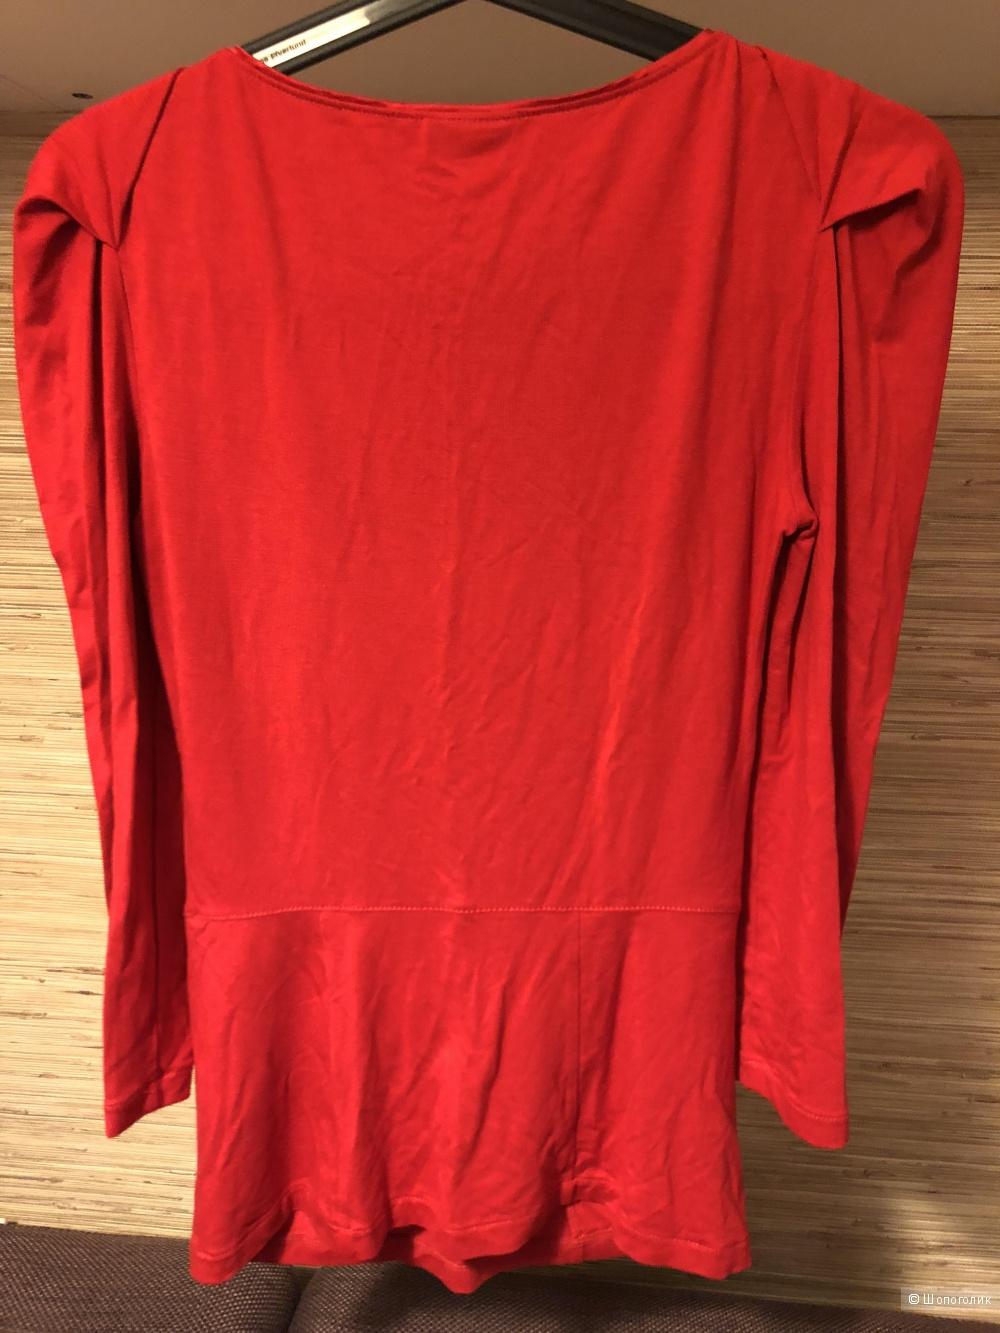 Трикотажная блузка Karen Millen, UK6=EU34